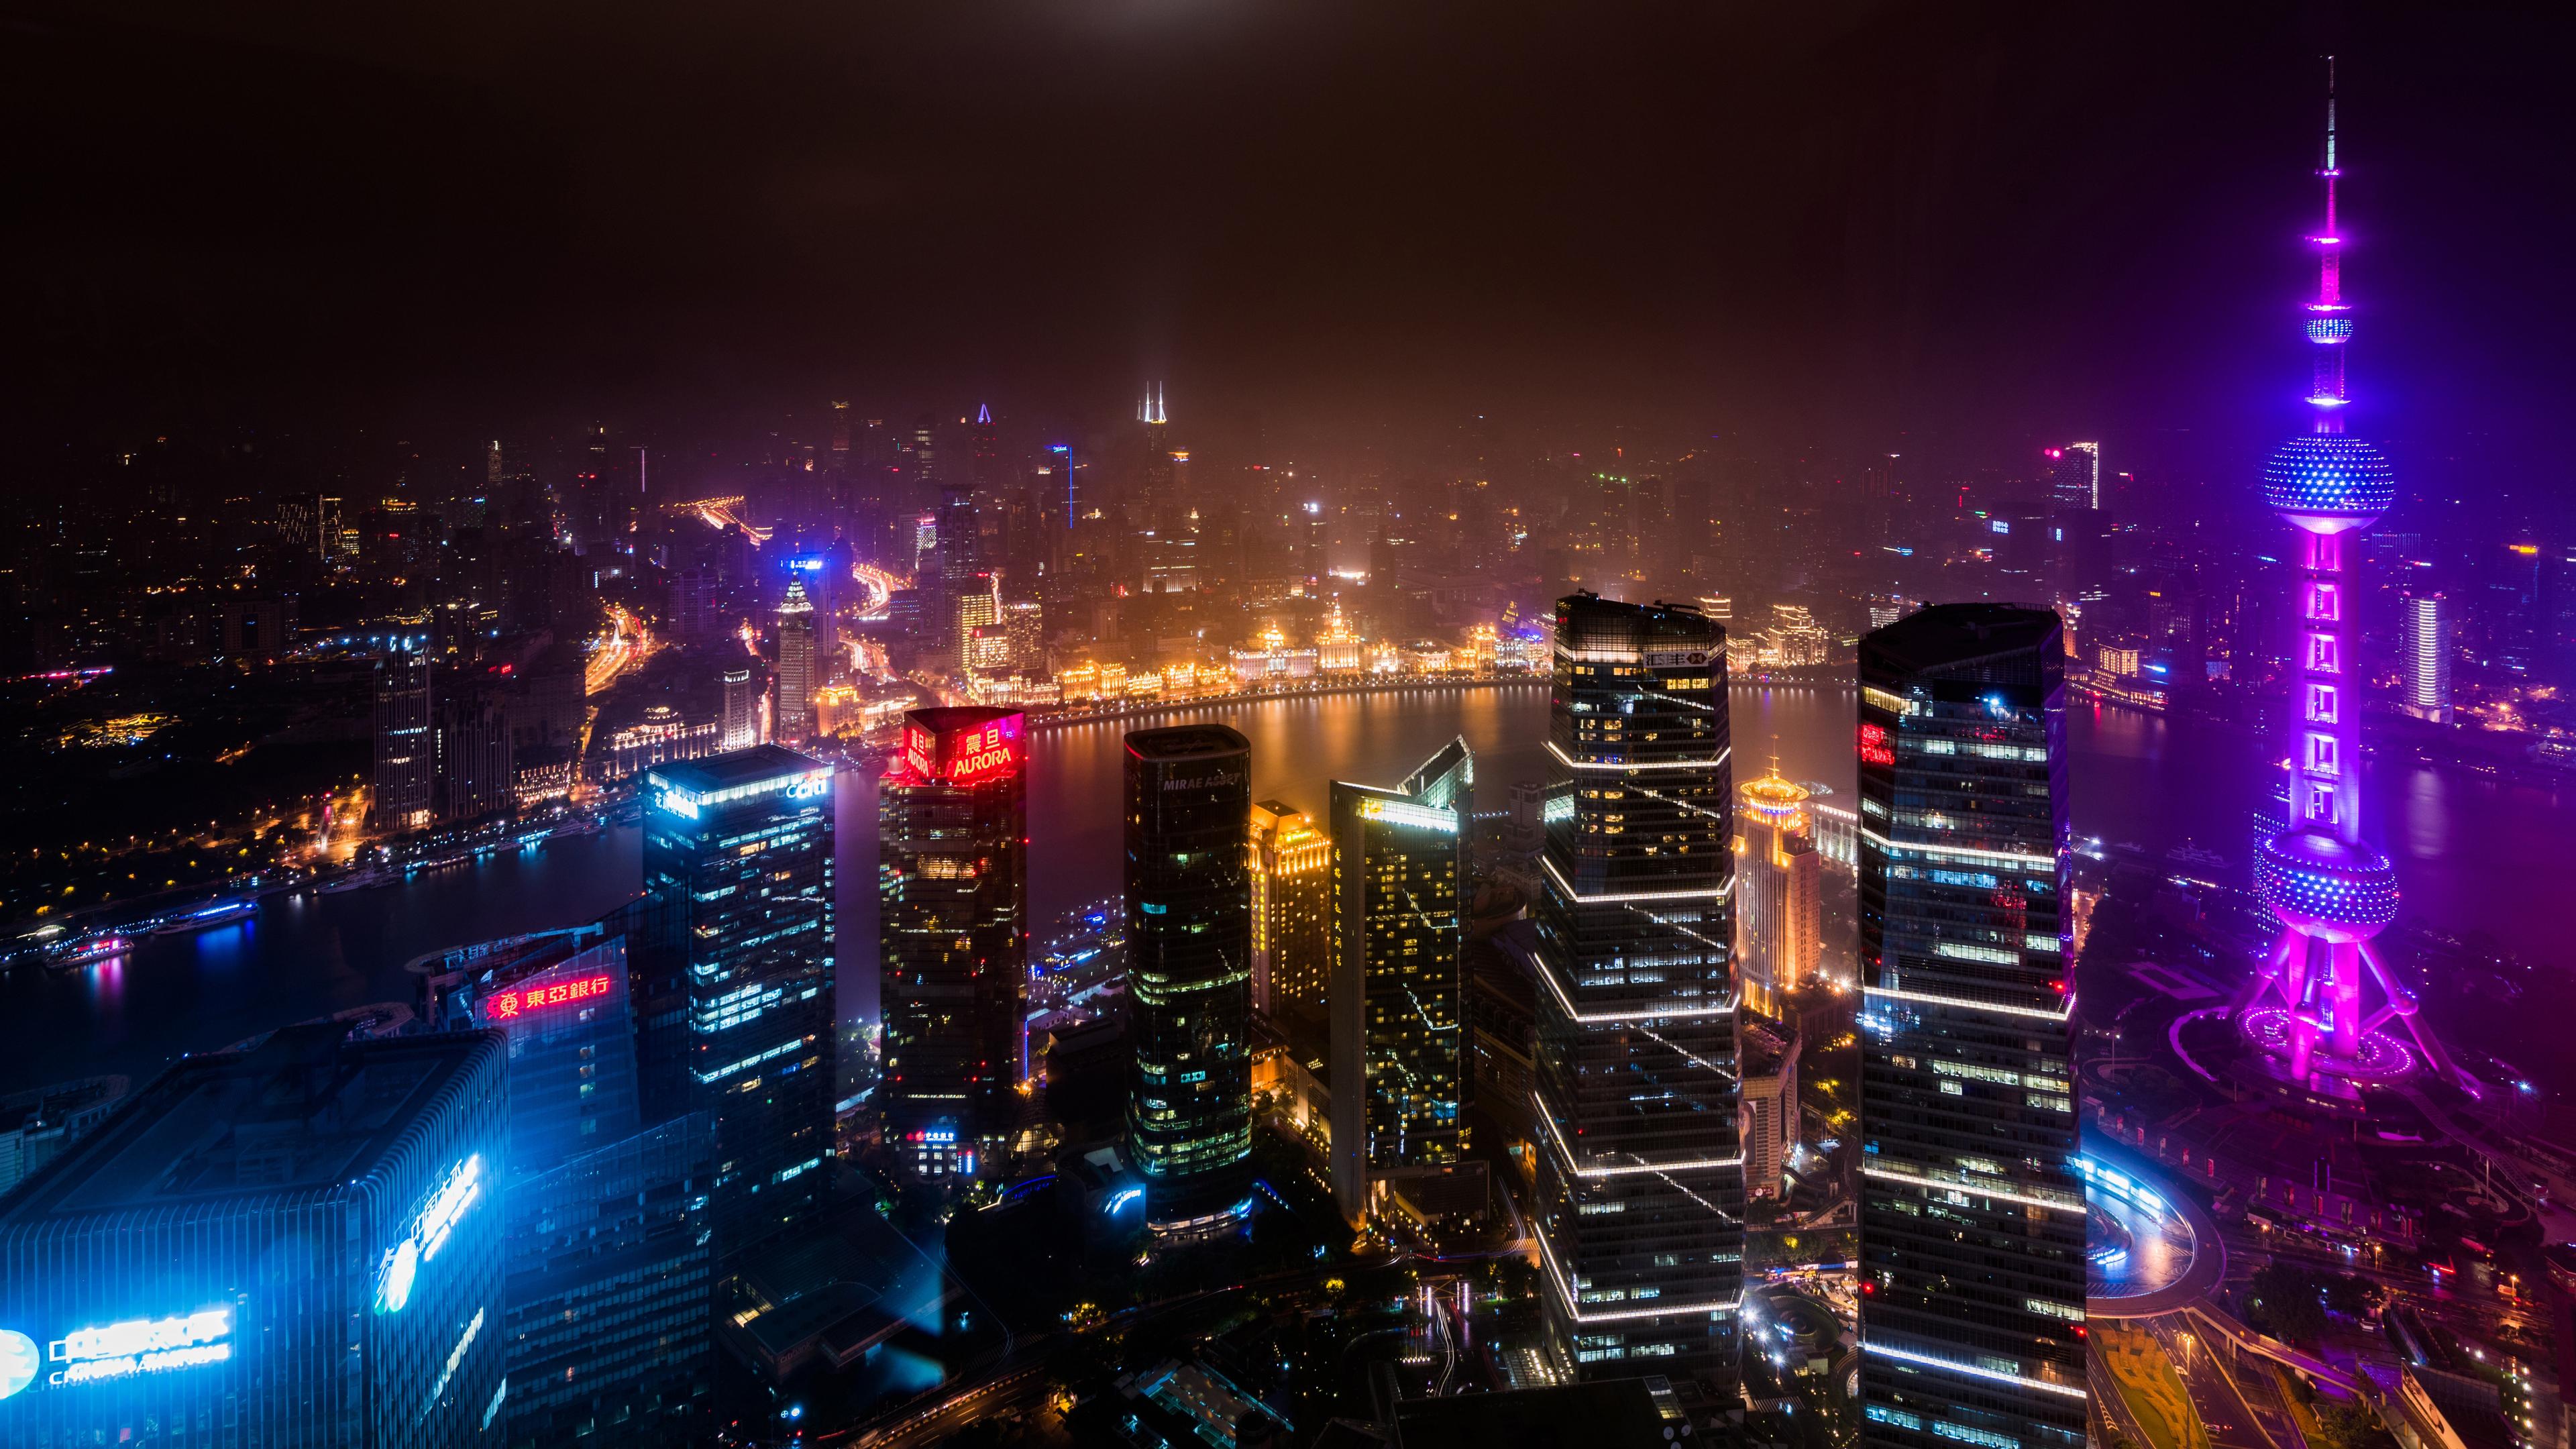 Обои фонари, вечерний город, ночной город. Города foto 8